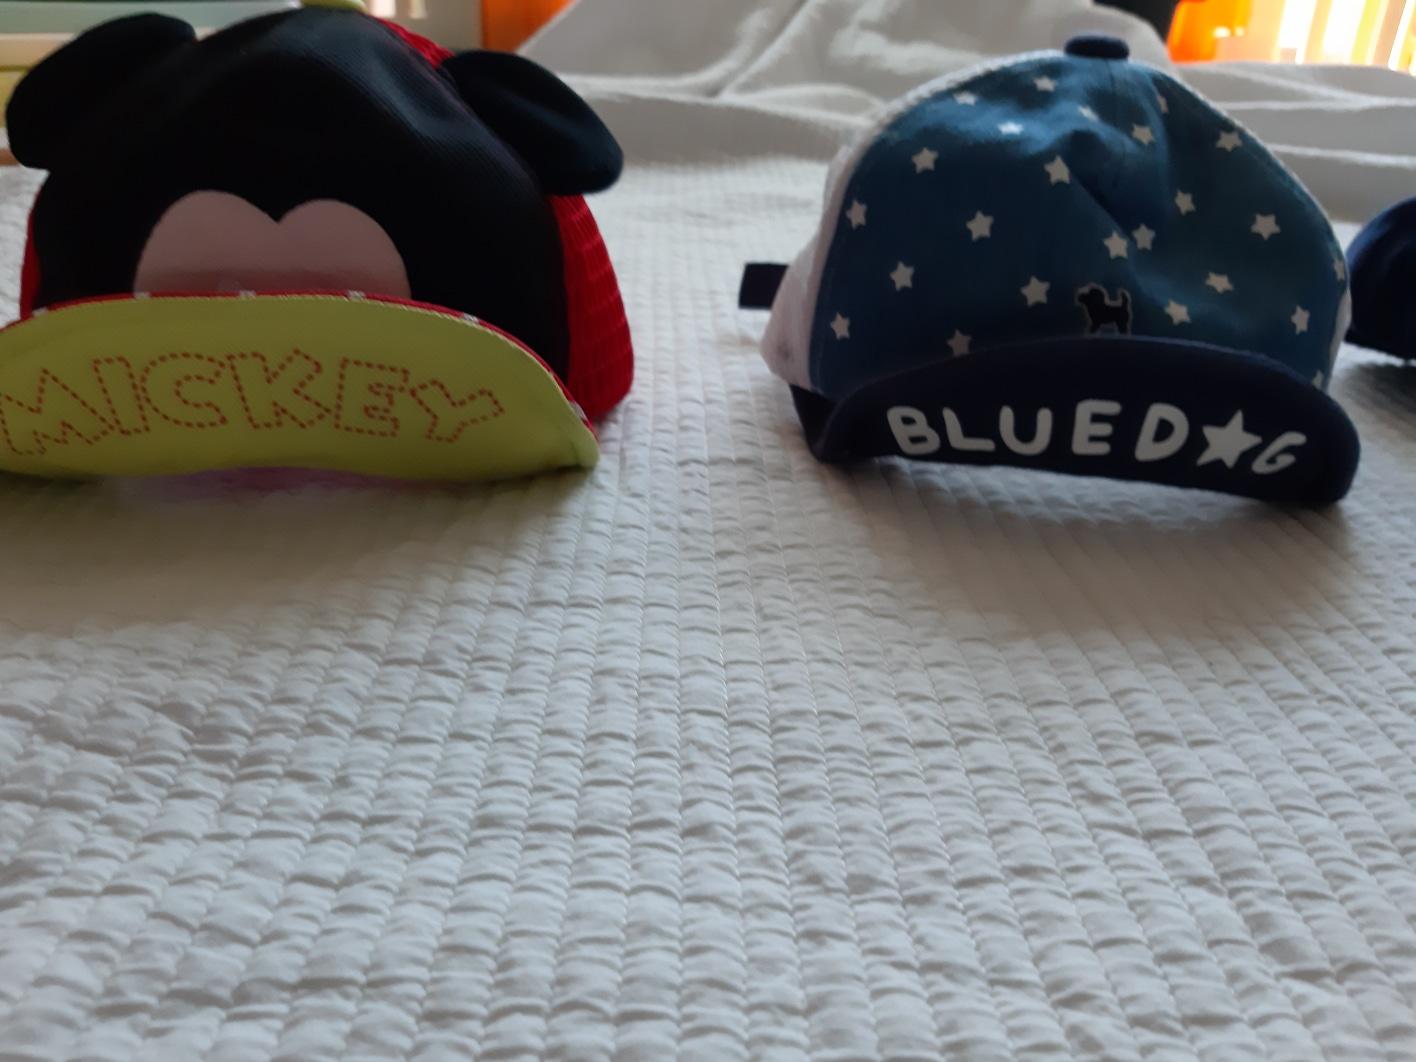 블루독 아기 모자 , 트윈키즈 아기 모자, 카터스 아기모자